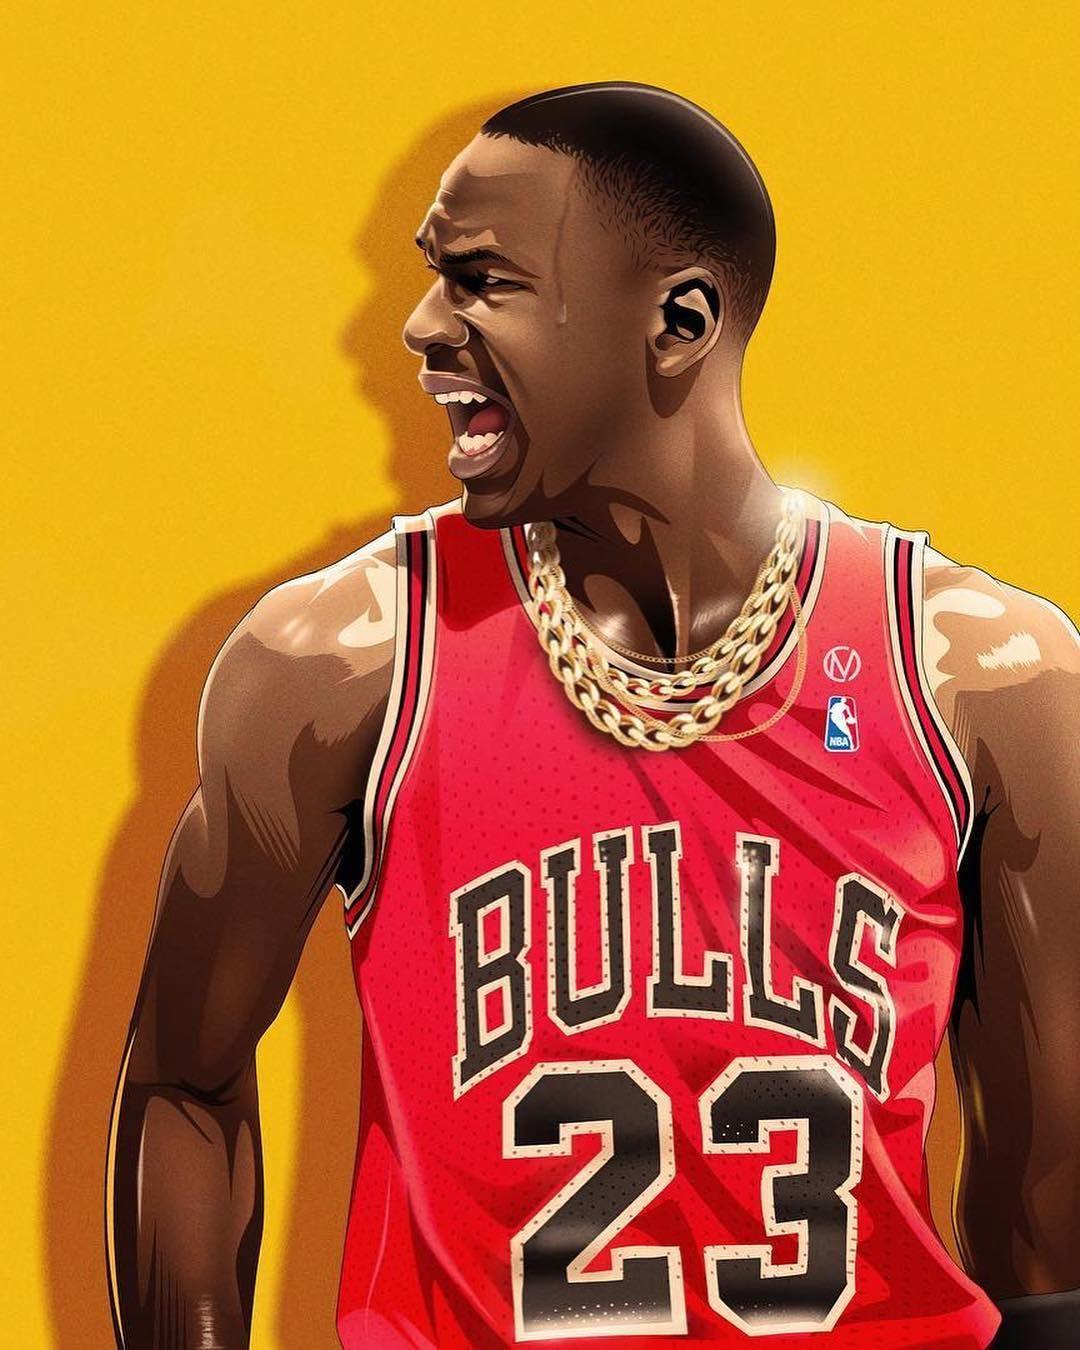 Image may contain 1 person Nba basketball art